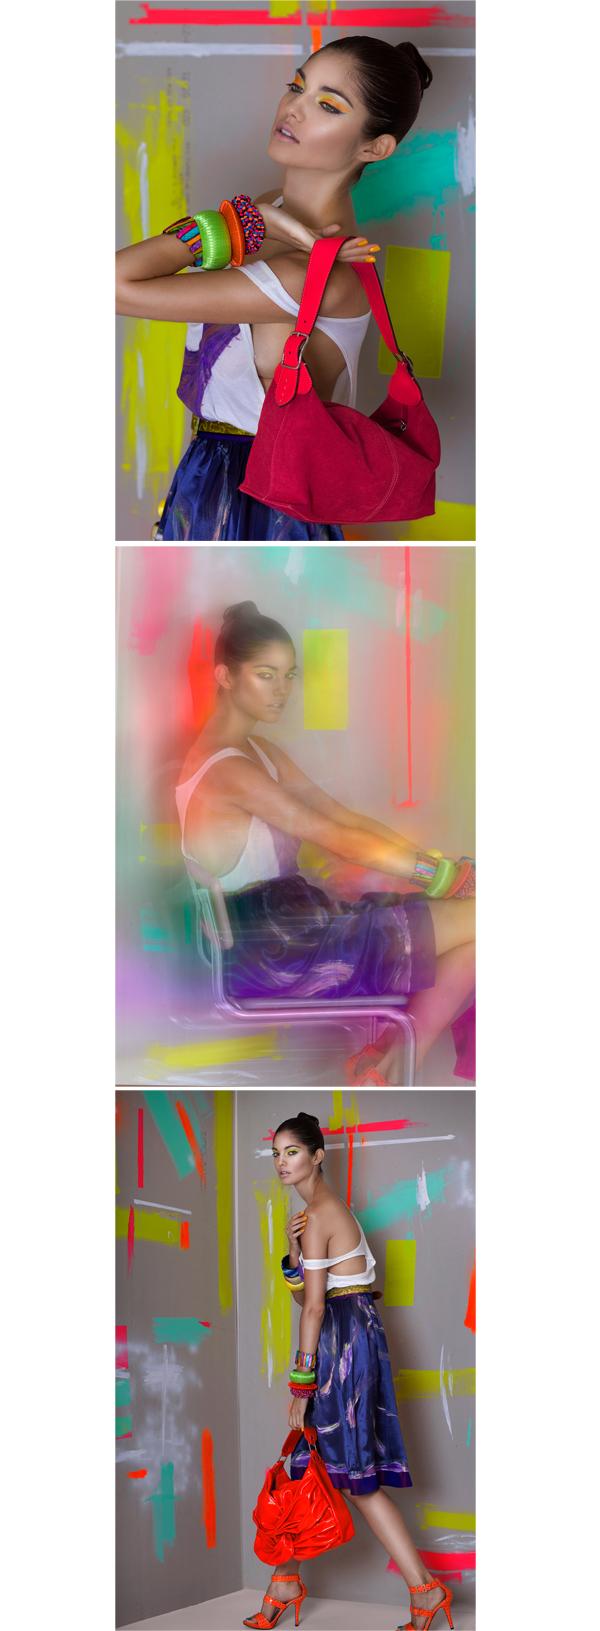 SET DESIGN BY ME haha Jun 13, 2009 BrianWalshImages Design- Sandra Hagen Model - Valentina D Hair Tammica S Makeup Jenna Elise